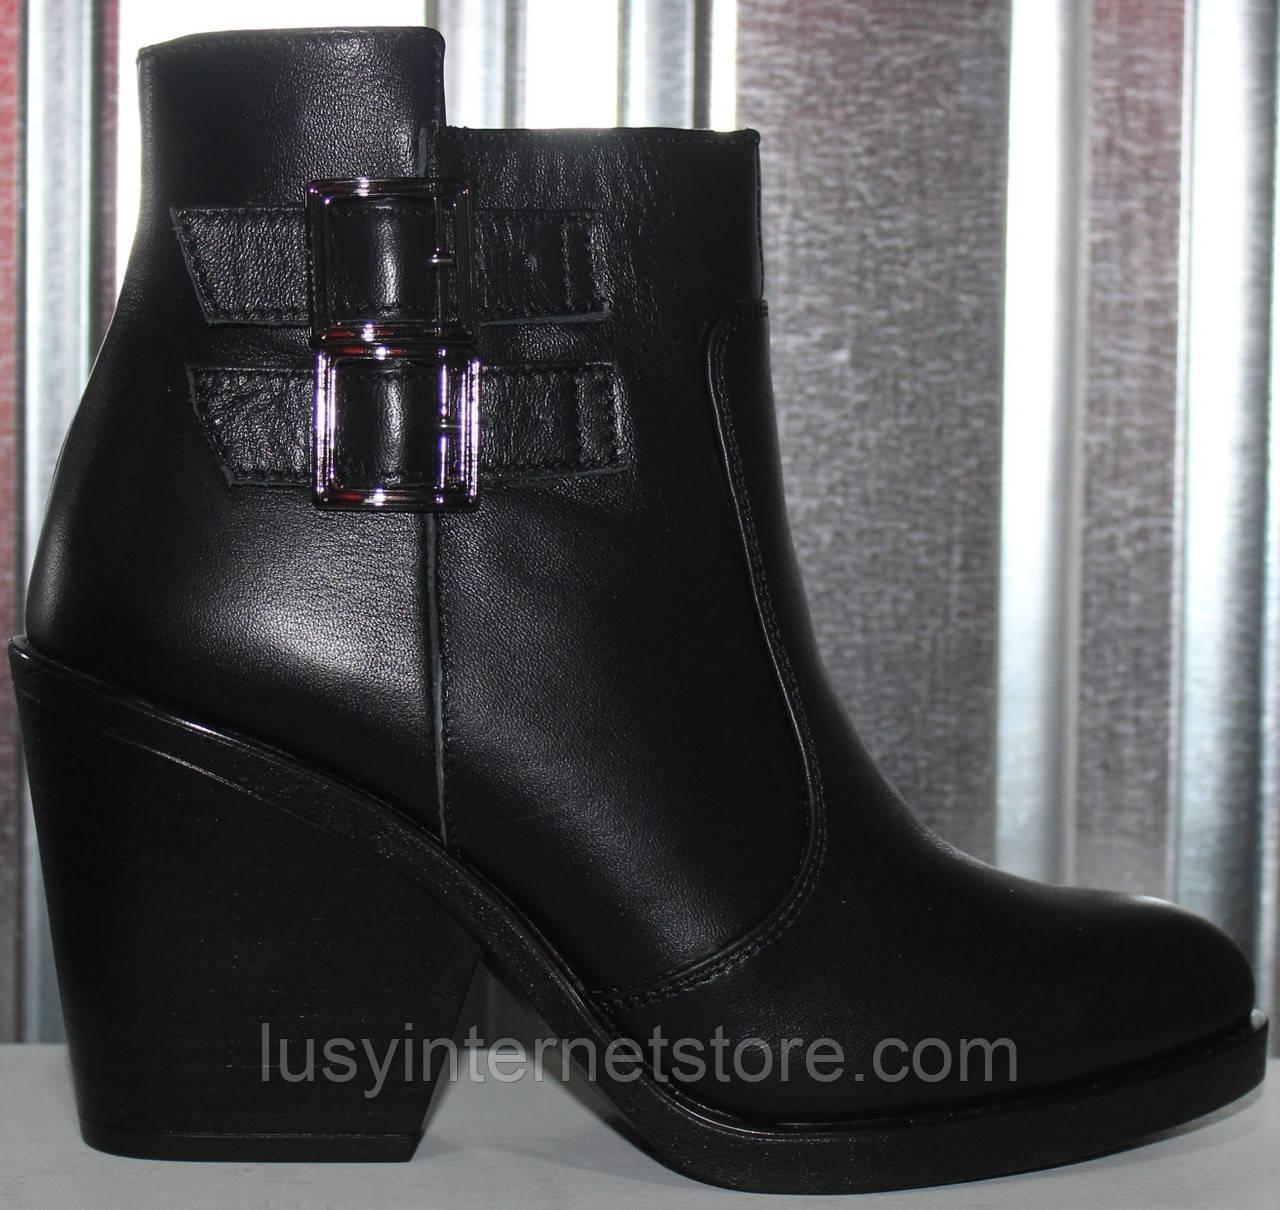 Ботинки женские демисезонные кожаные от производителя модель РИ80-10-2Д